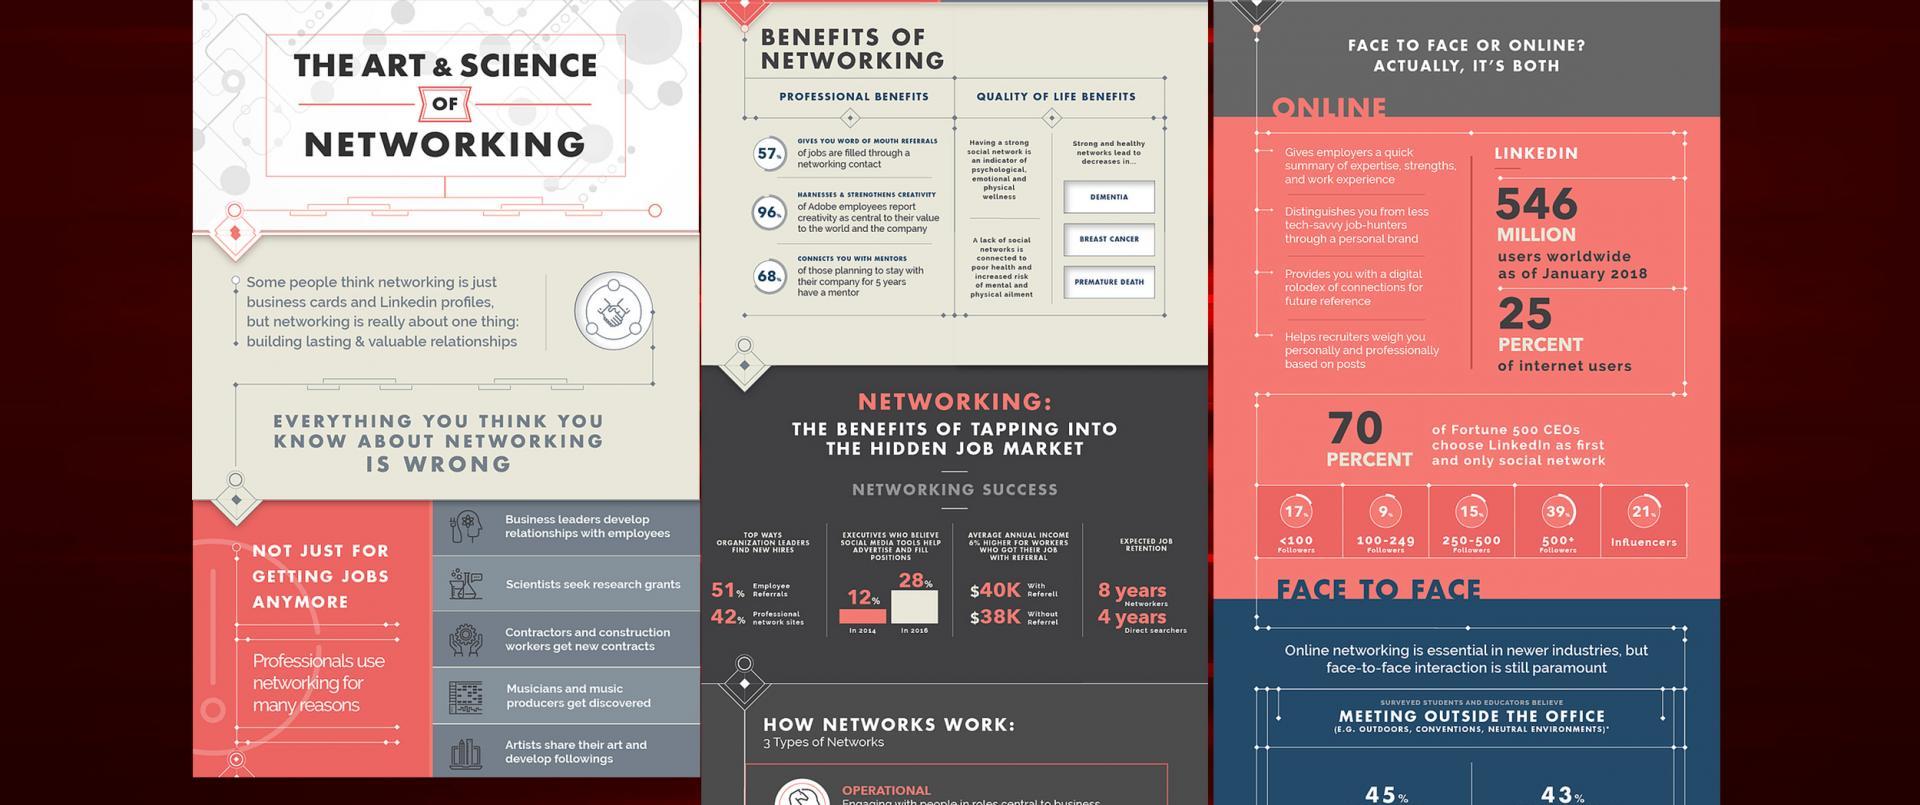 Come fare networking al meglio – infografica